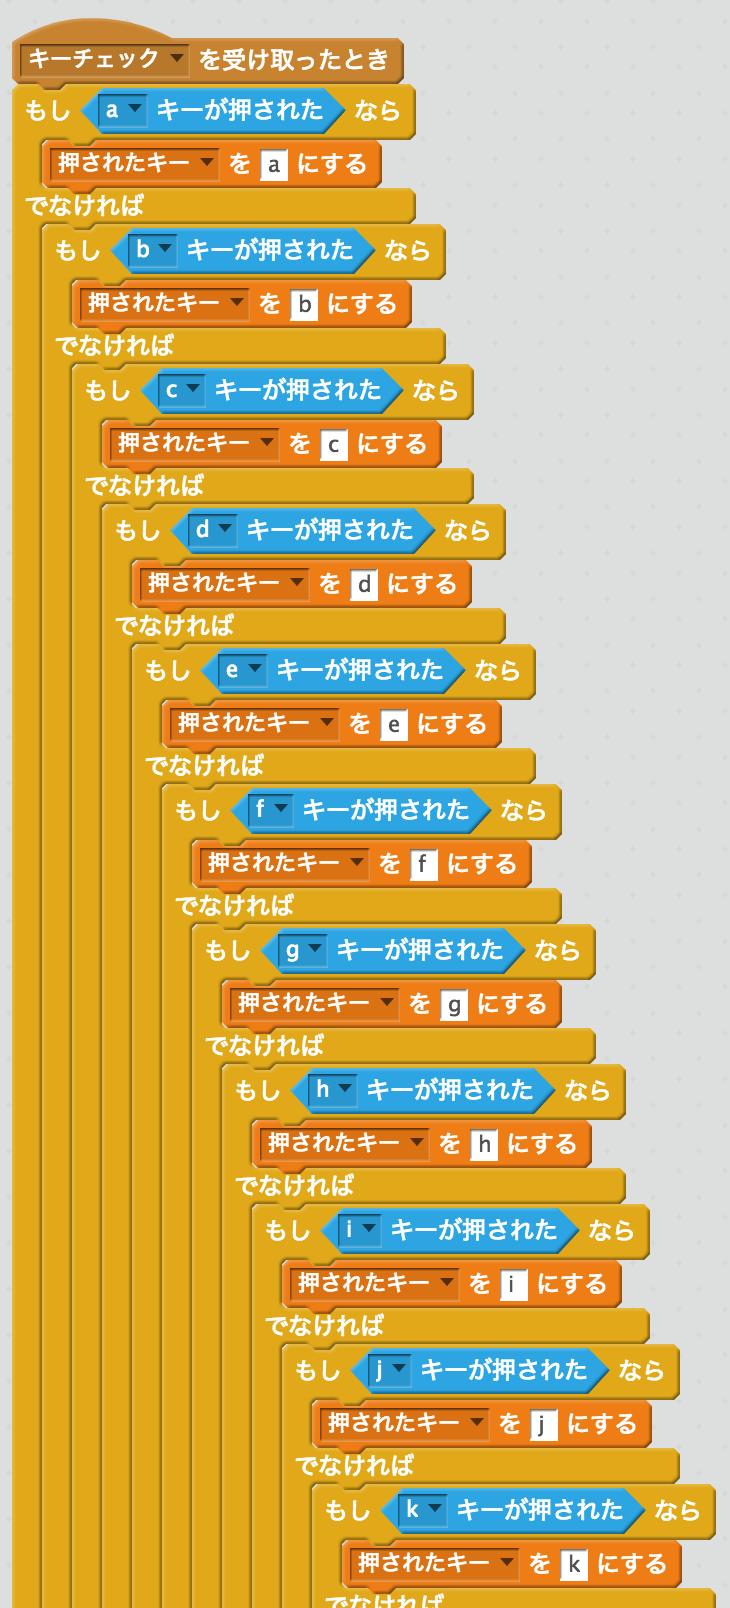 f:id:onishi:20170513180043j:plain:w200